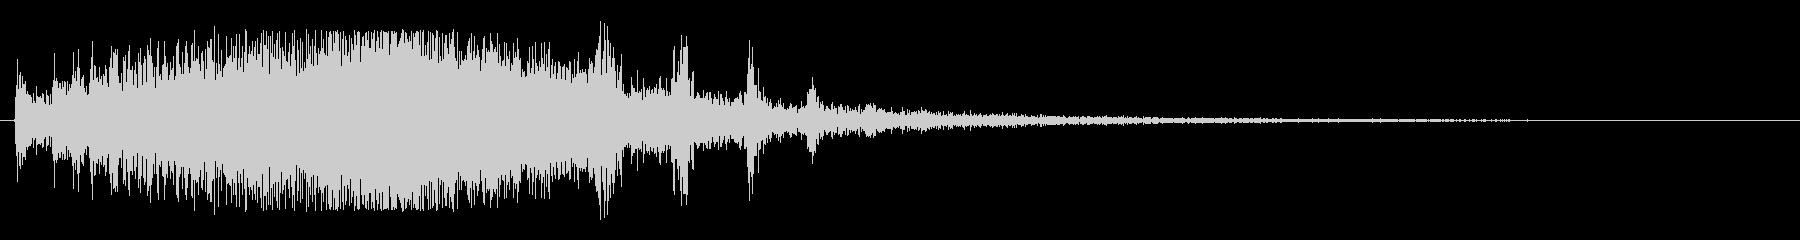 キラキラ(上昇する変身音)の未再生の波形